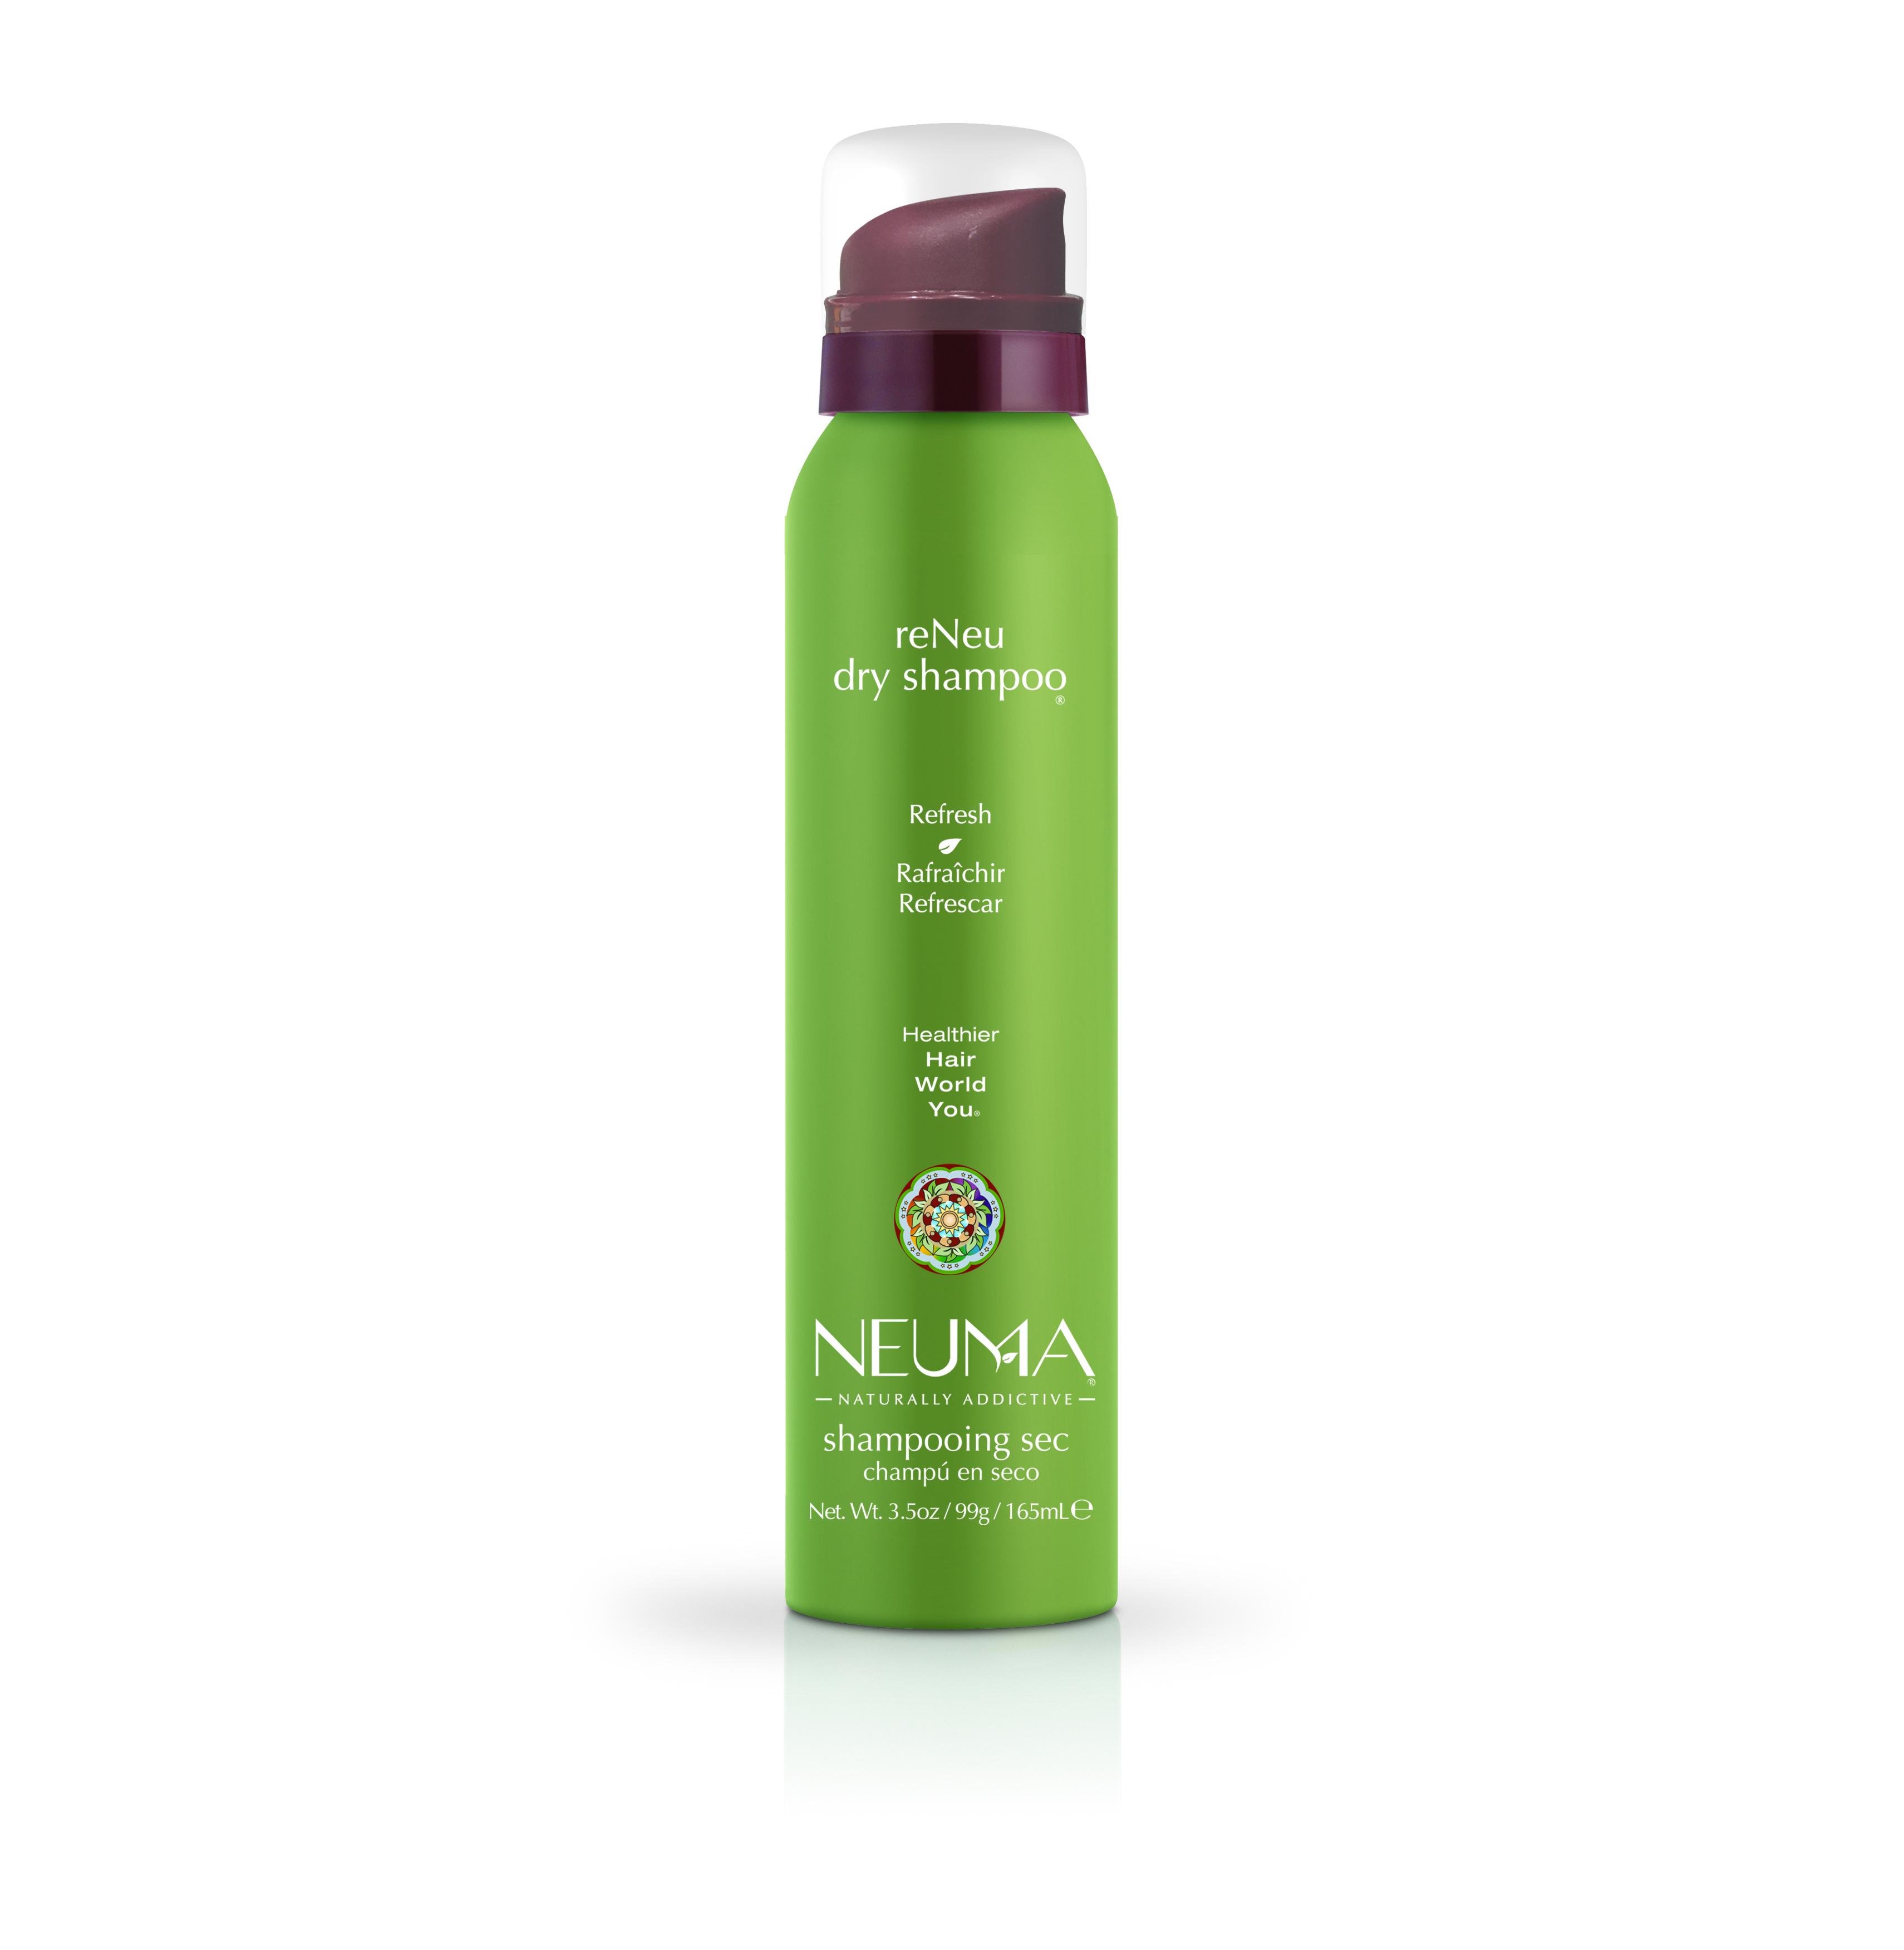 Neuma's ReNeu Dry Shampoo